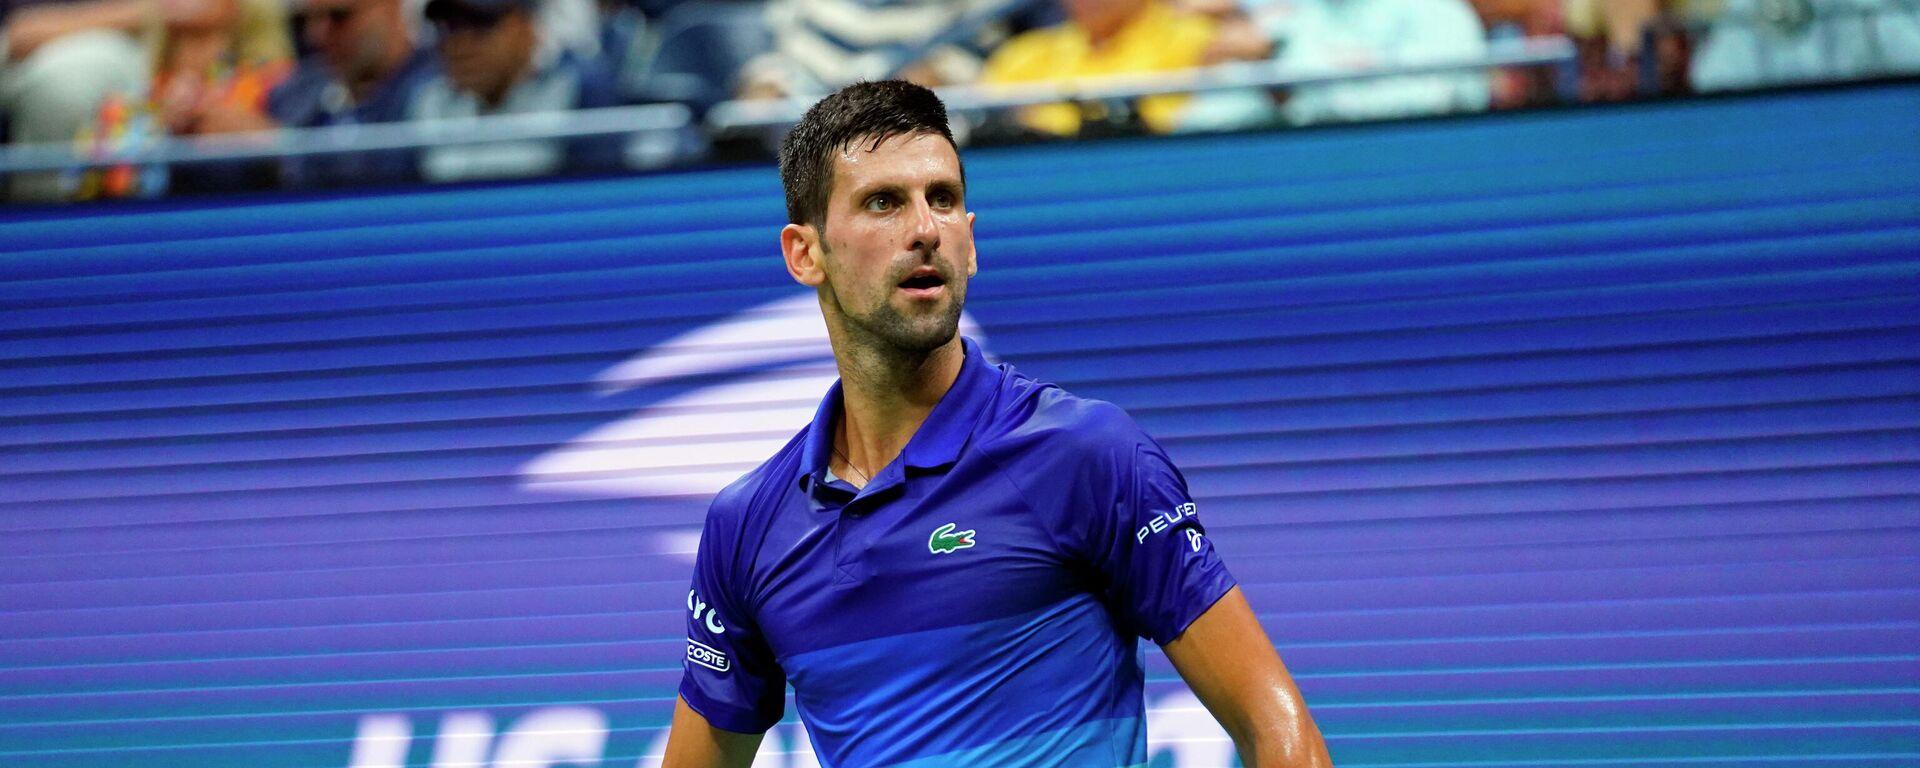 Srpski teniser Novak Đoković - Sputnik Srbija, 1920, 09.09.2021